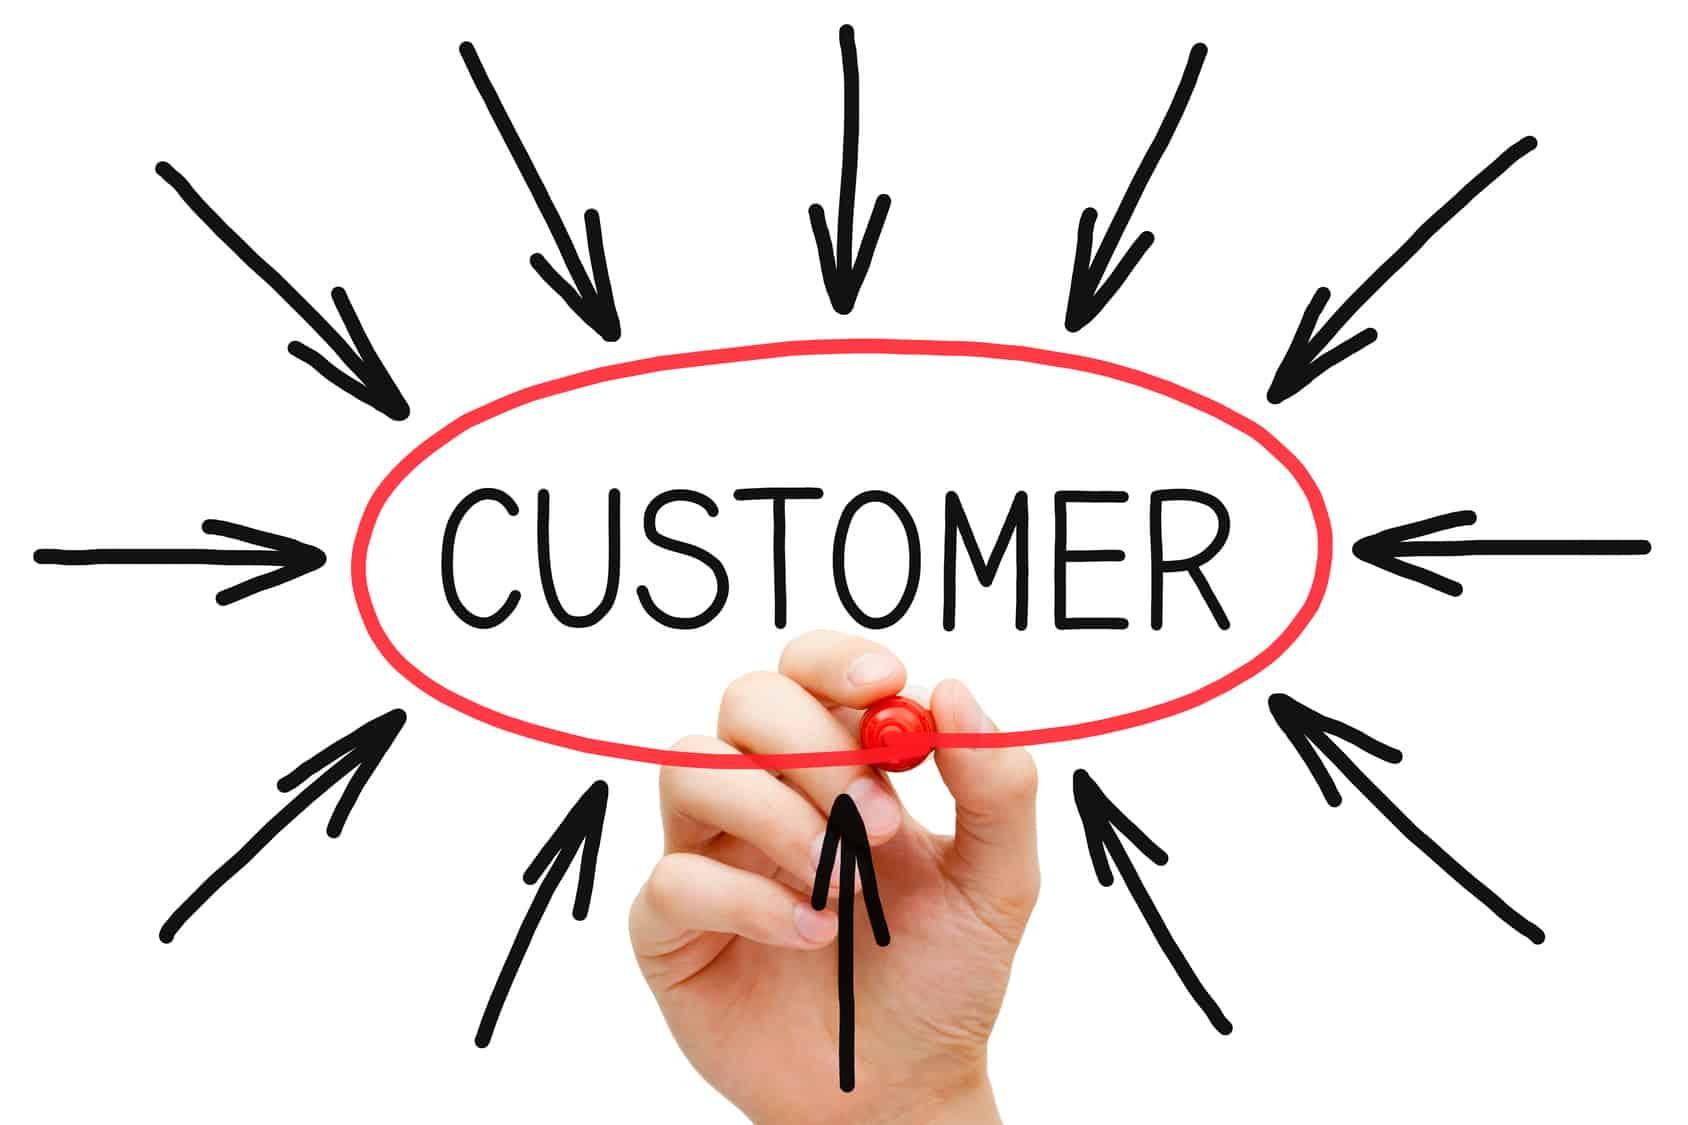 Xác định rõ đối tượng khách hàng mục tiêu